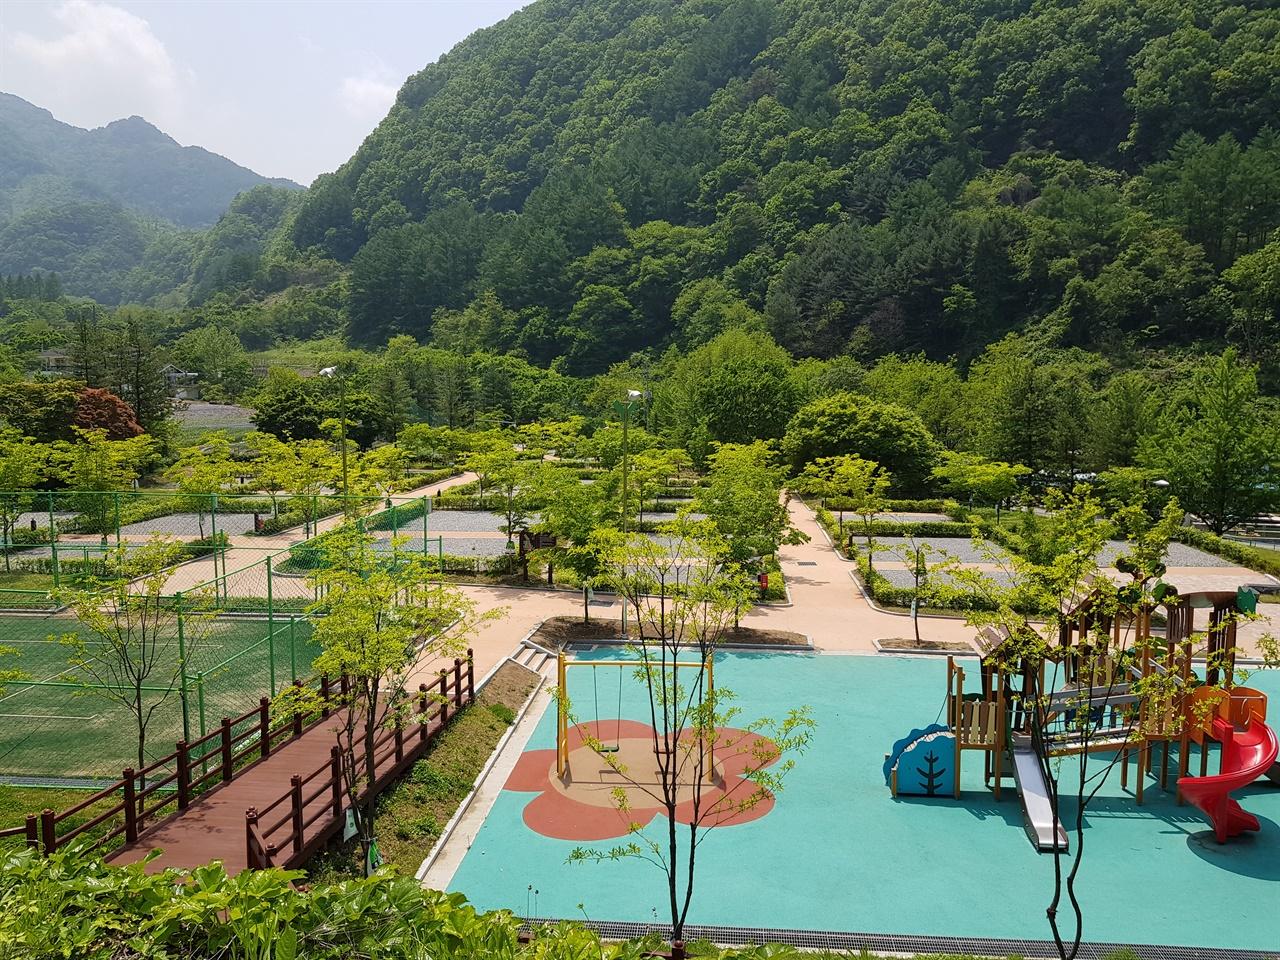 다리안천동오토캠핑장 생태체육공원과 달리 텅빈 다리안관광지 유료 천동오토캠핑장